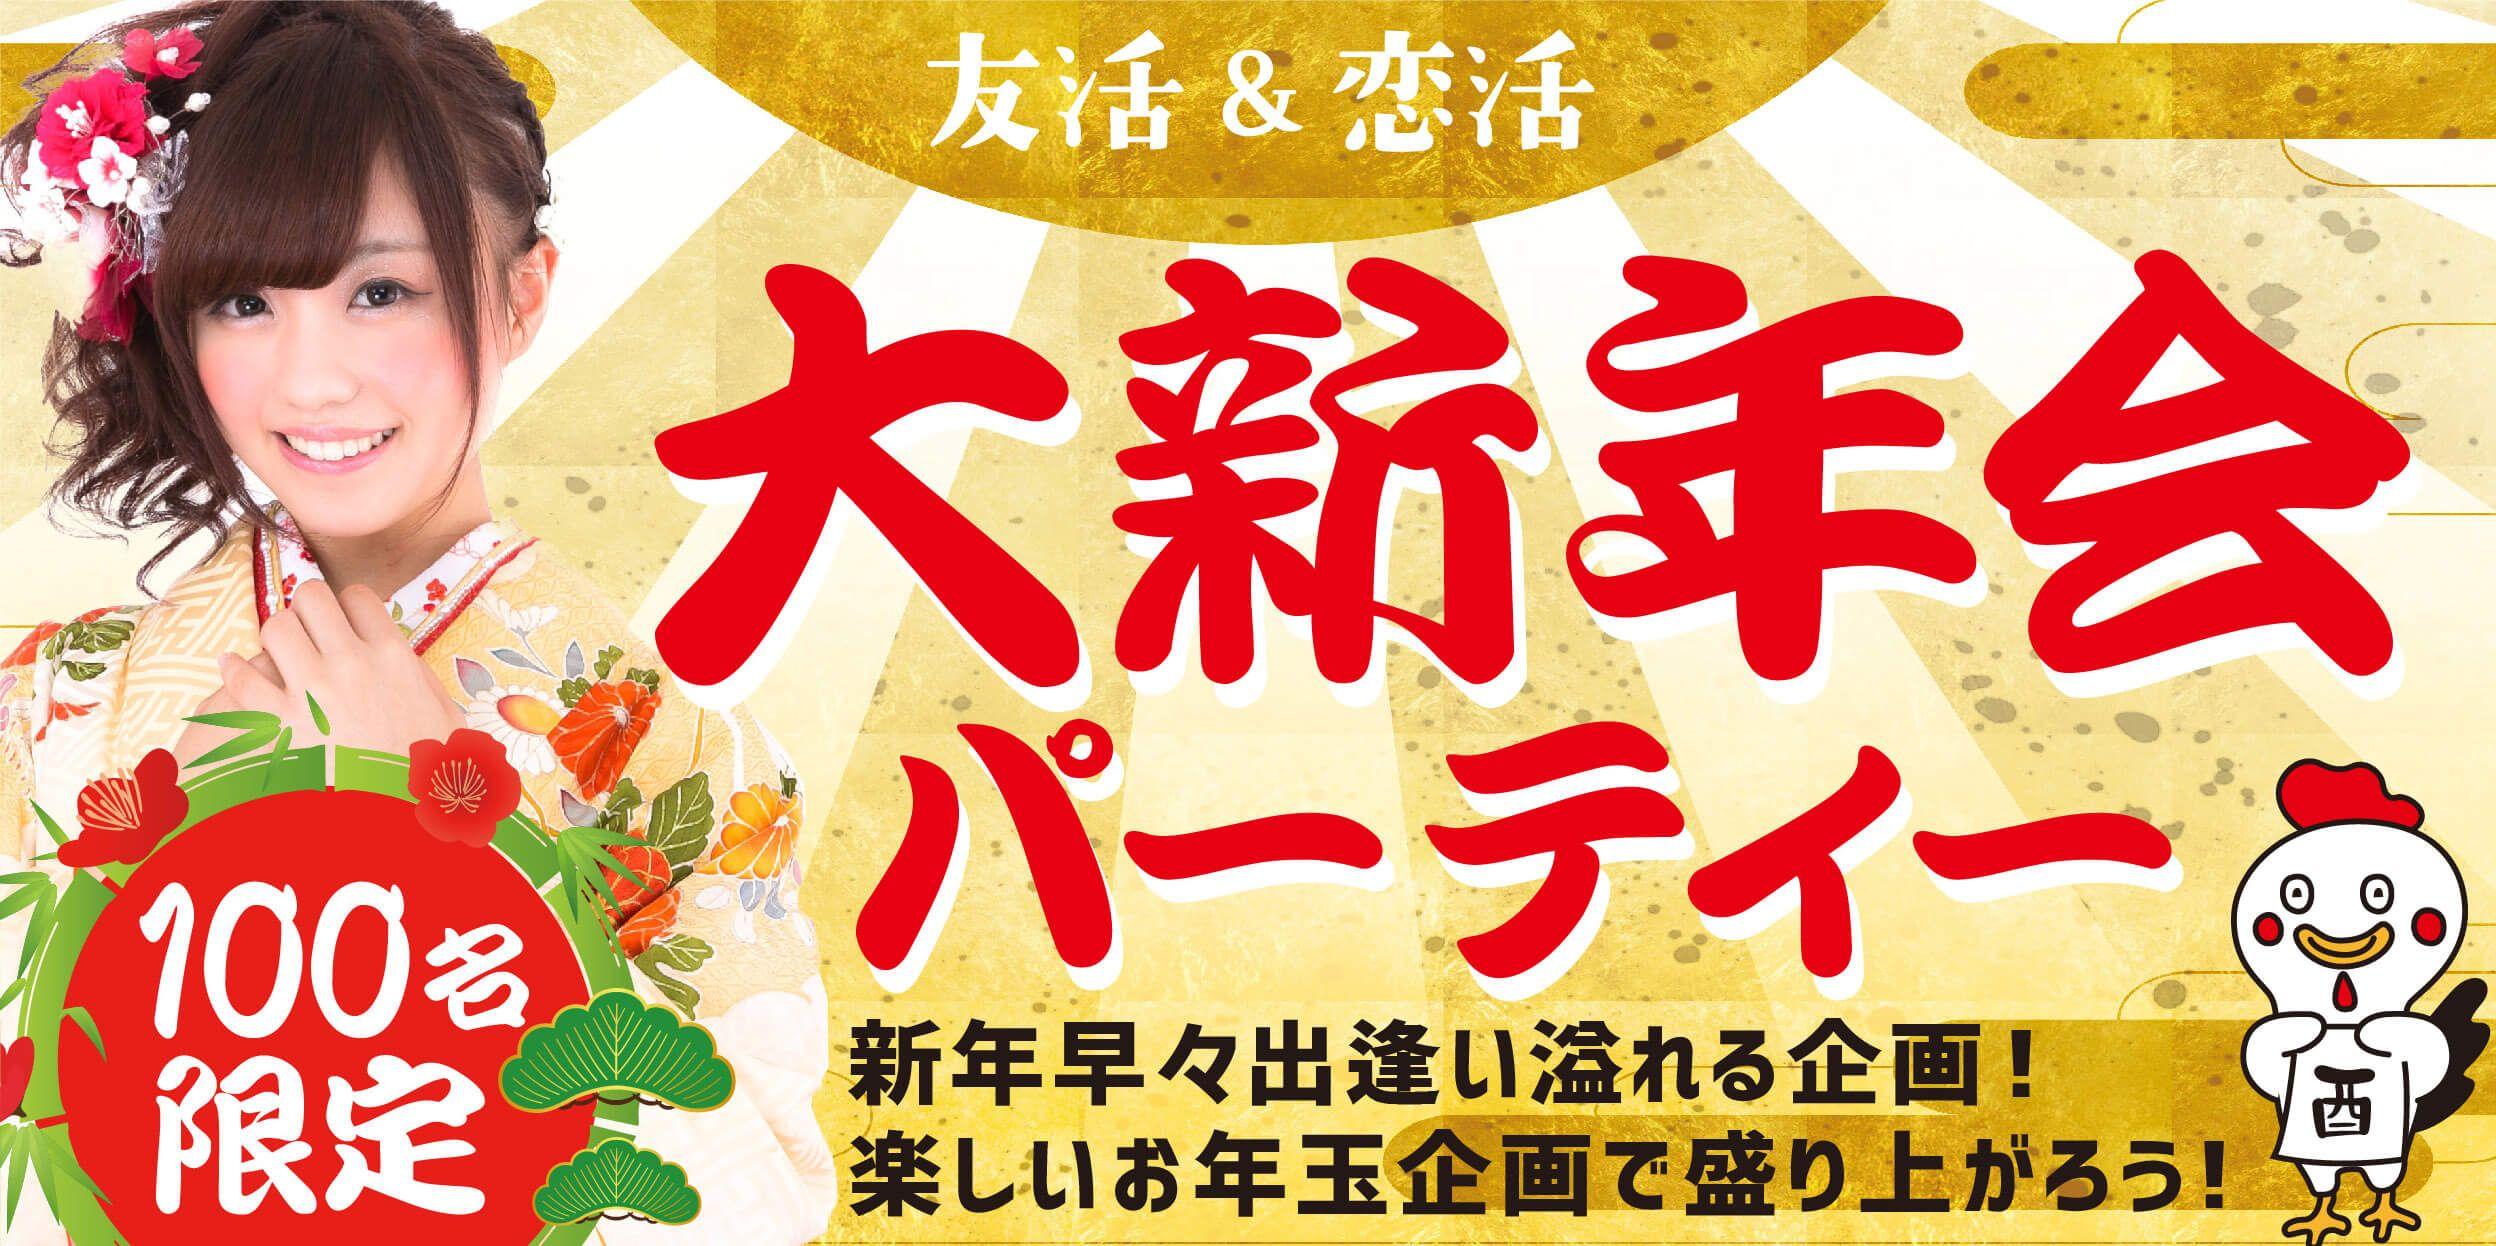 【八丁堀・紙屋町の恋活パーティー】合同会社ツイン主催 2017年1月14日